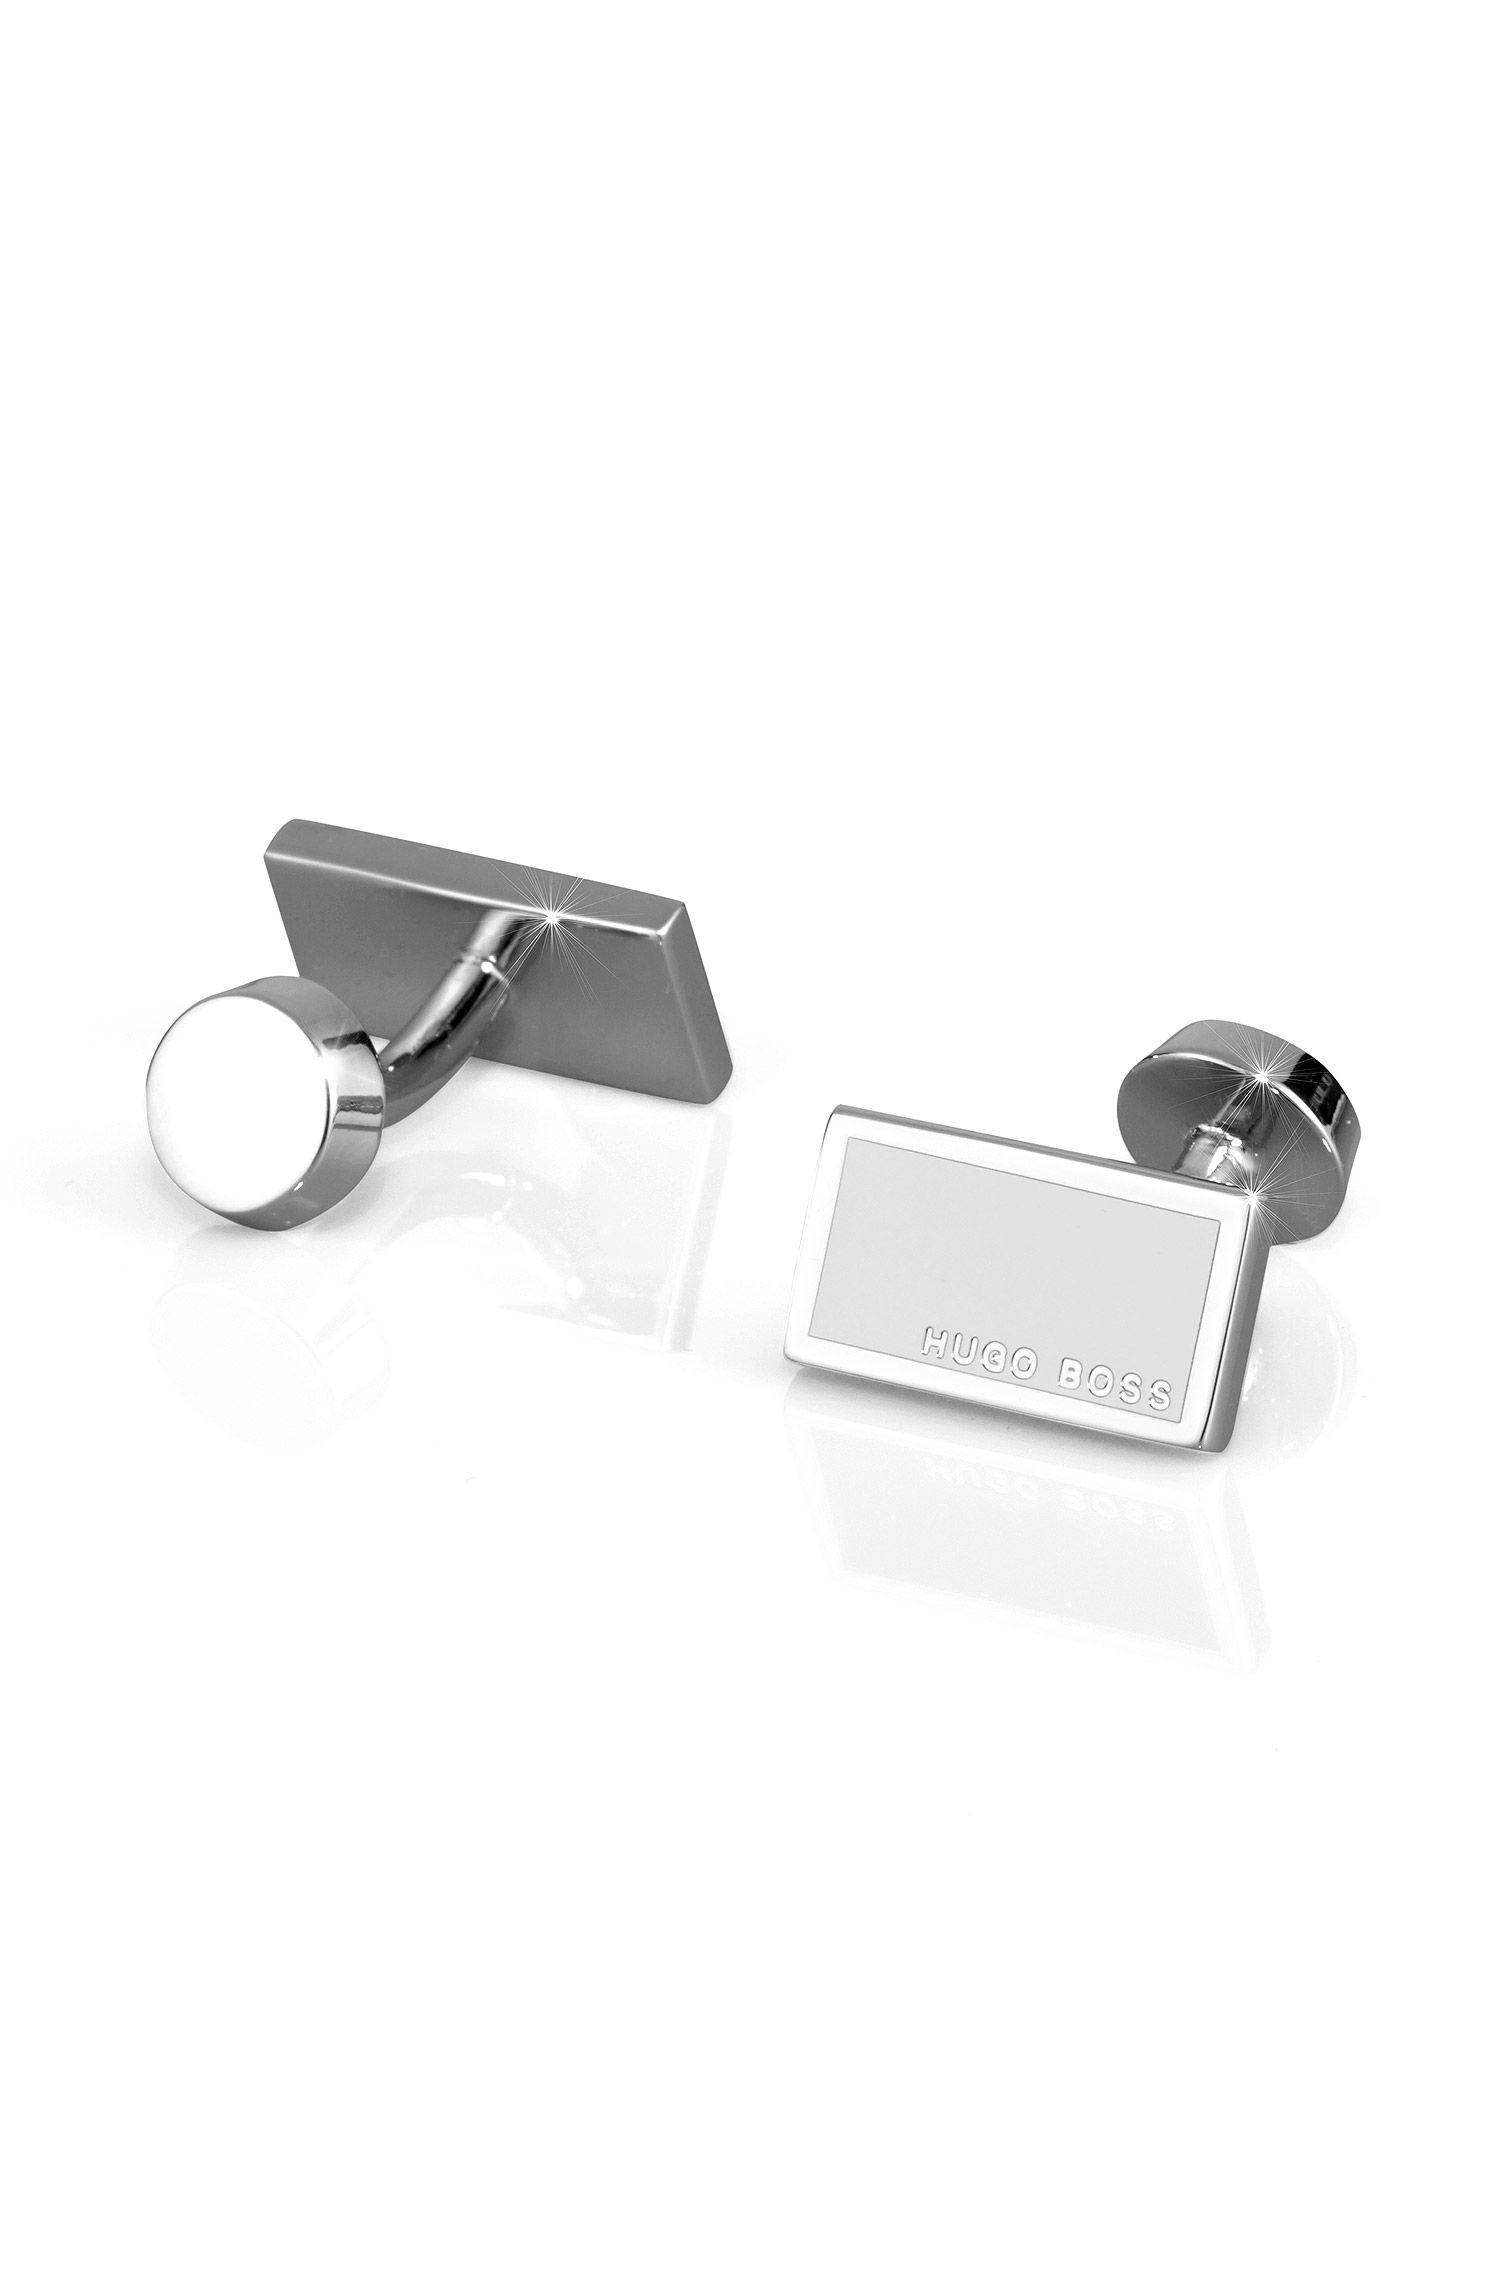 Rechteckige Emaille-Manschettenknöpfe ´Camilo`